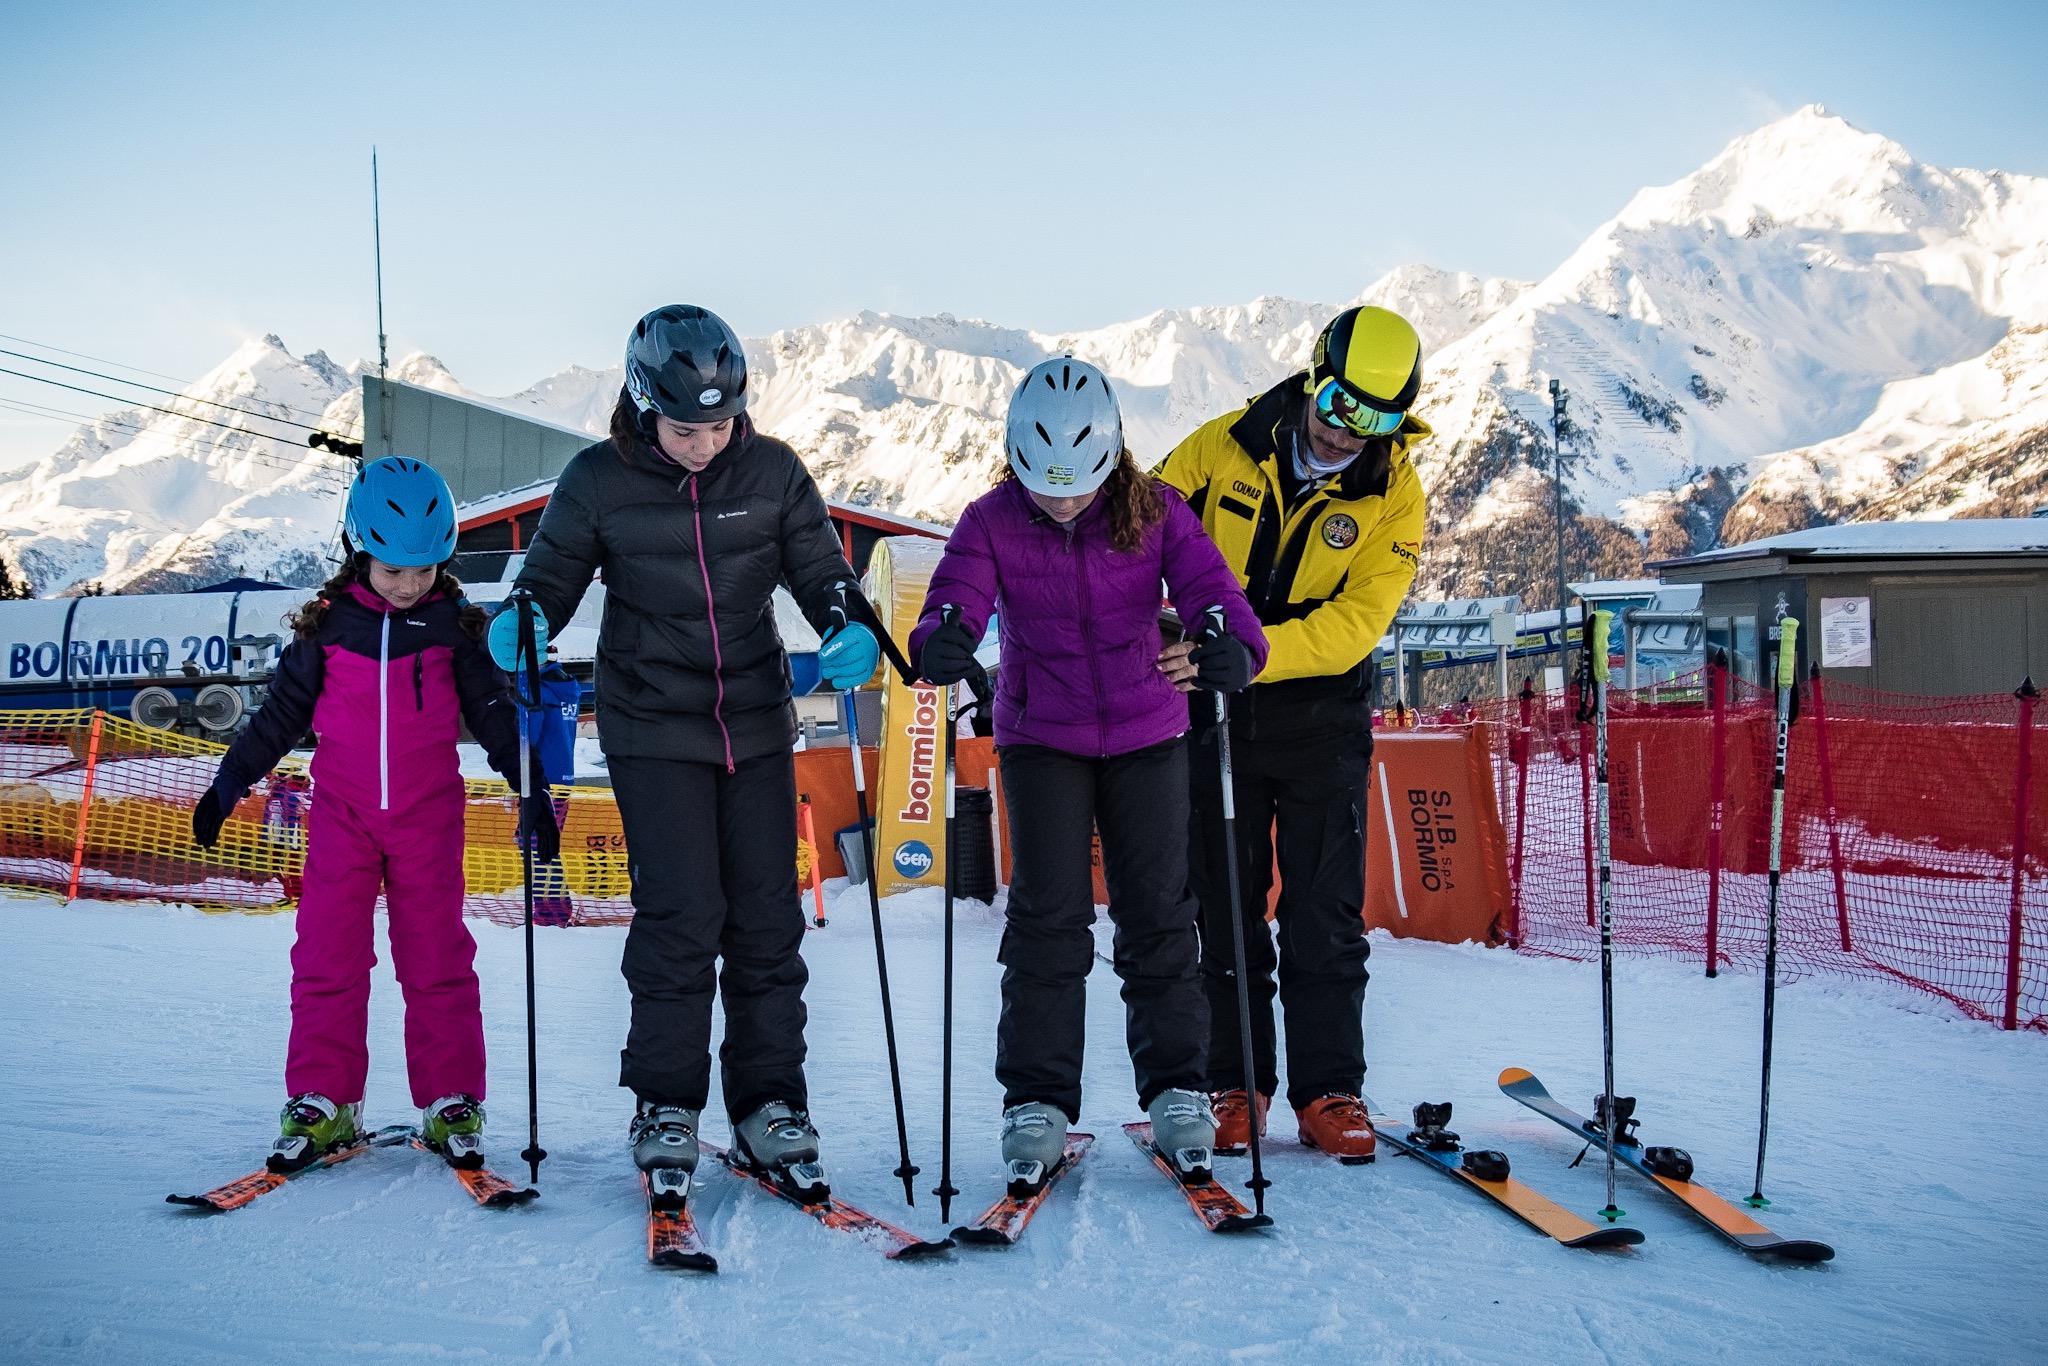 2 hour ski lessons with 'Ninja'